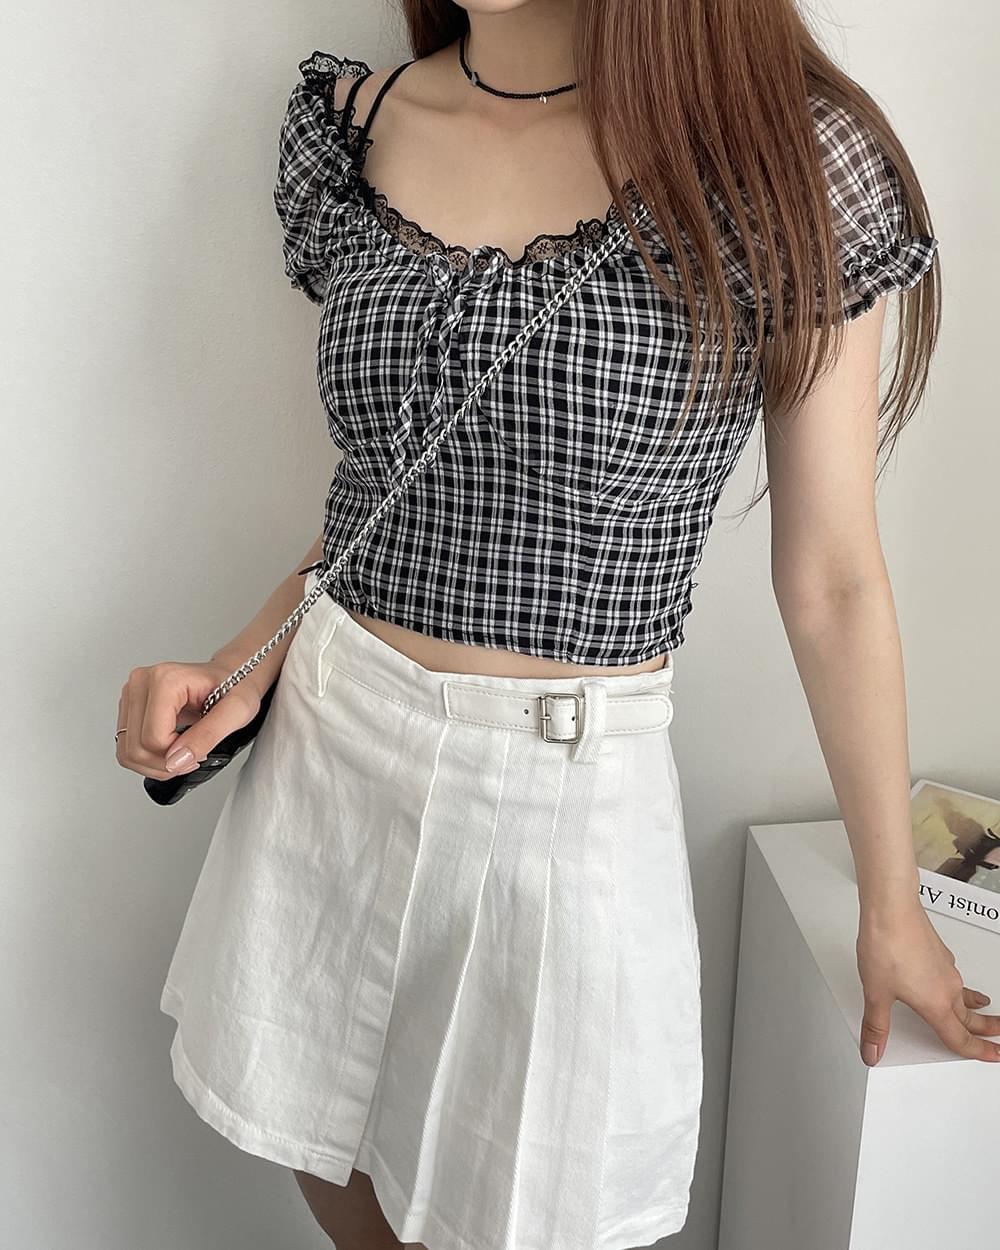 韓國空運 - 黑色格紋公主袖短版襯衫